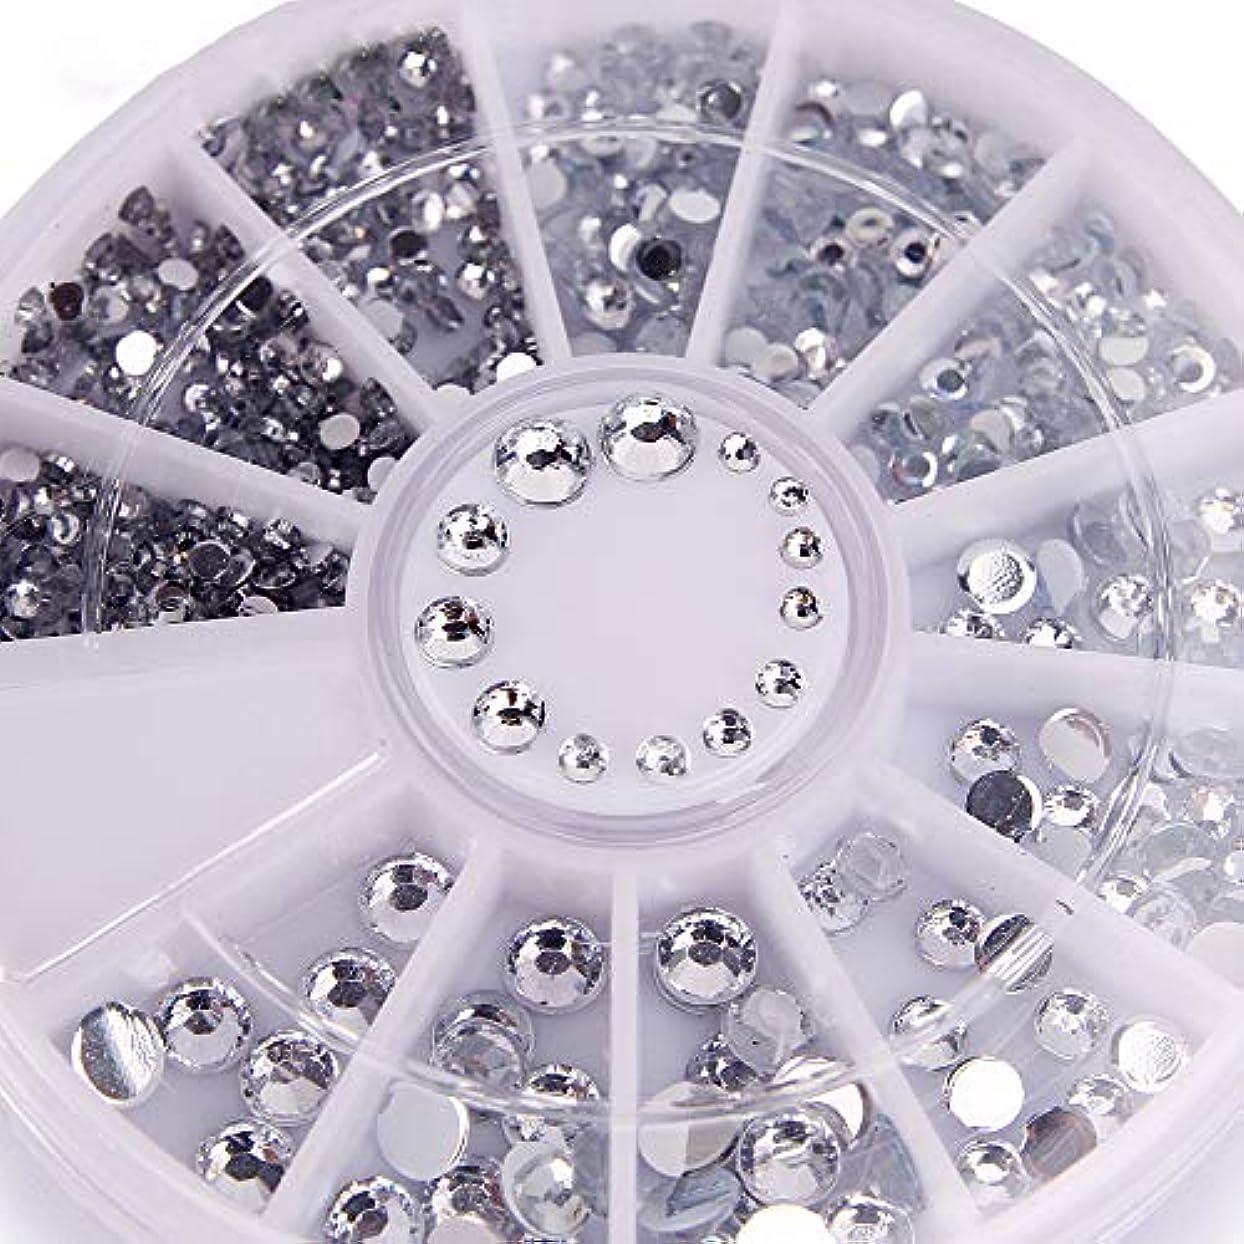 置換船形女の子400個ネイルラインストーンミックスシルバーラウンドダイヤモンド形状1.2mm/2mm/3mm/4mm 3DネイルデコレーションアクリルUVジェル